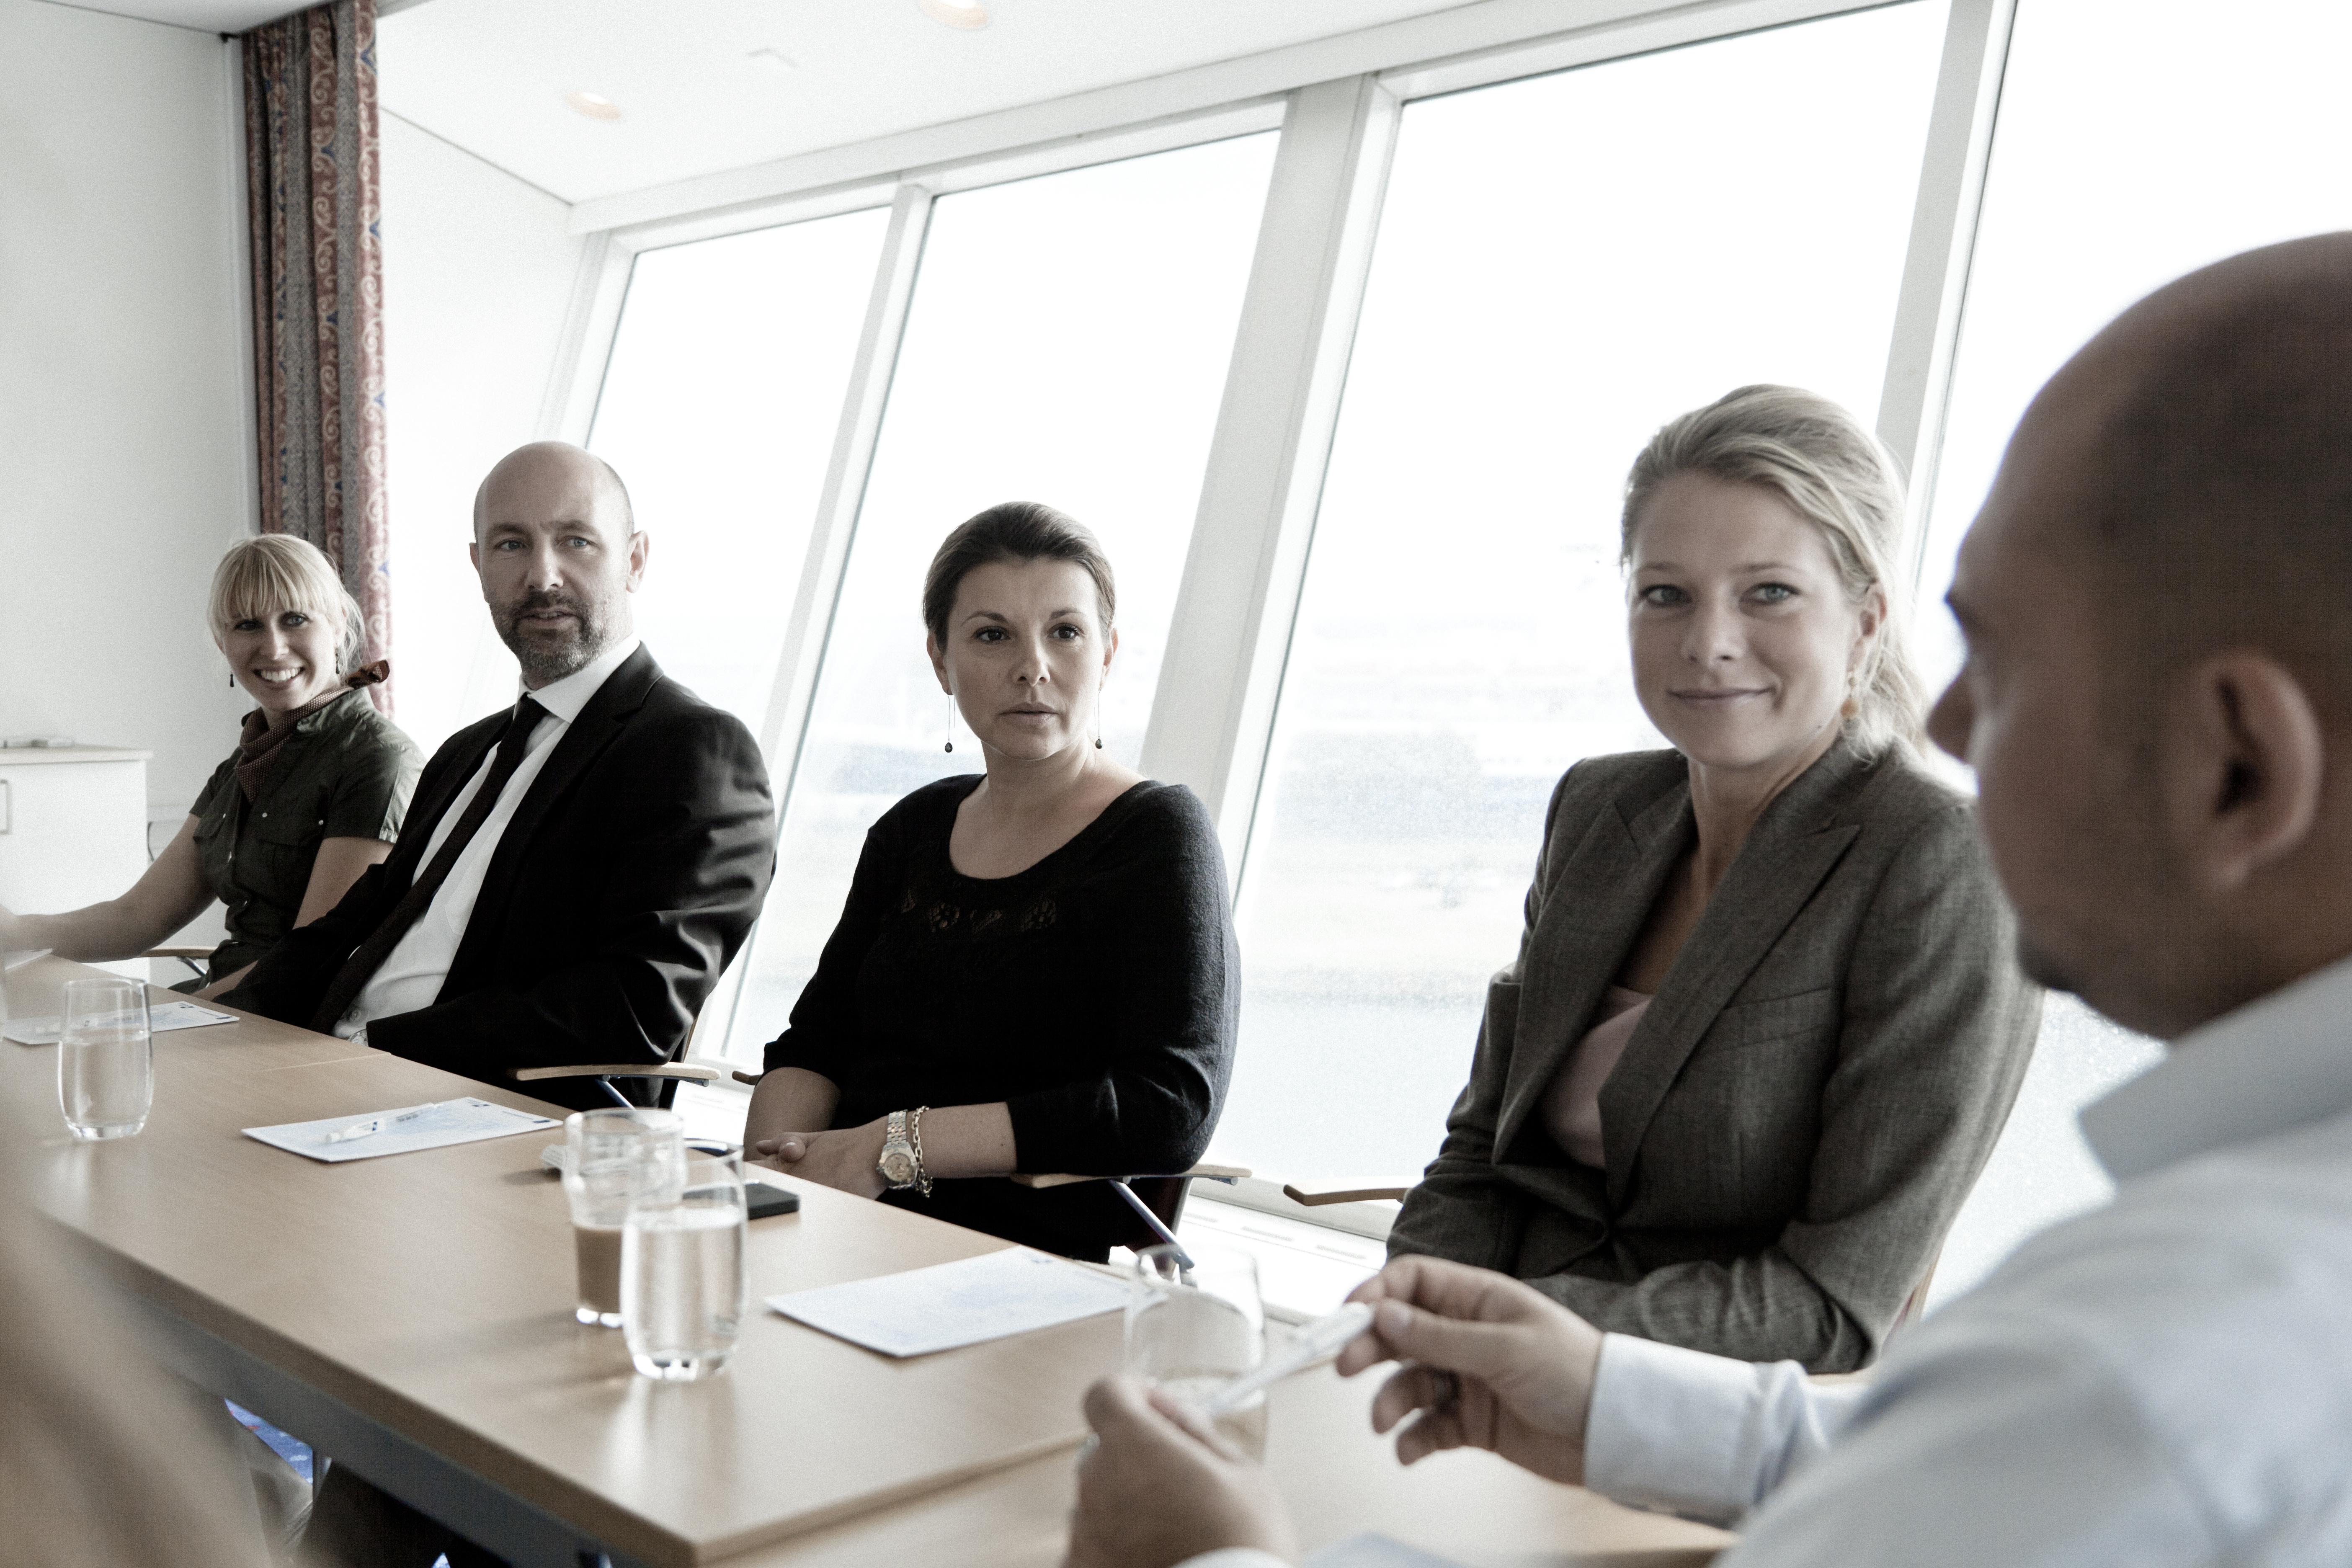 På årsplan har Pearl og Crown Seaways på DFDS' passagermæssigt største rute med overnatning omkring 775.000 rejsende mellem København og Oslo. Heraf sejler over 50.000 i forbindelser med møder og konferencer – det tal vil rederiet gerne øge. Foto: DFDS.